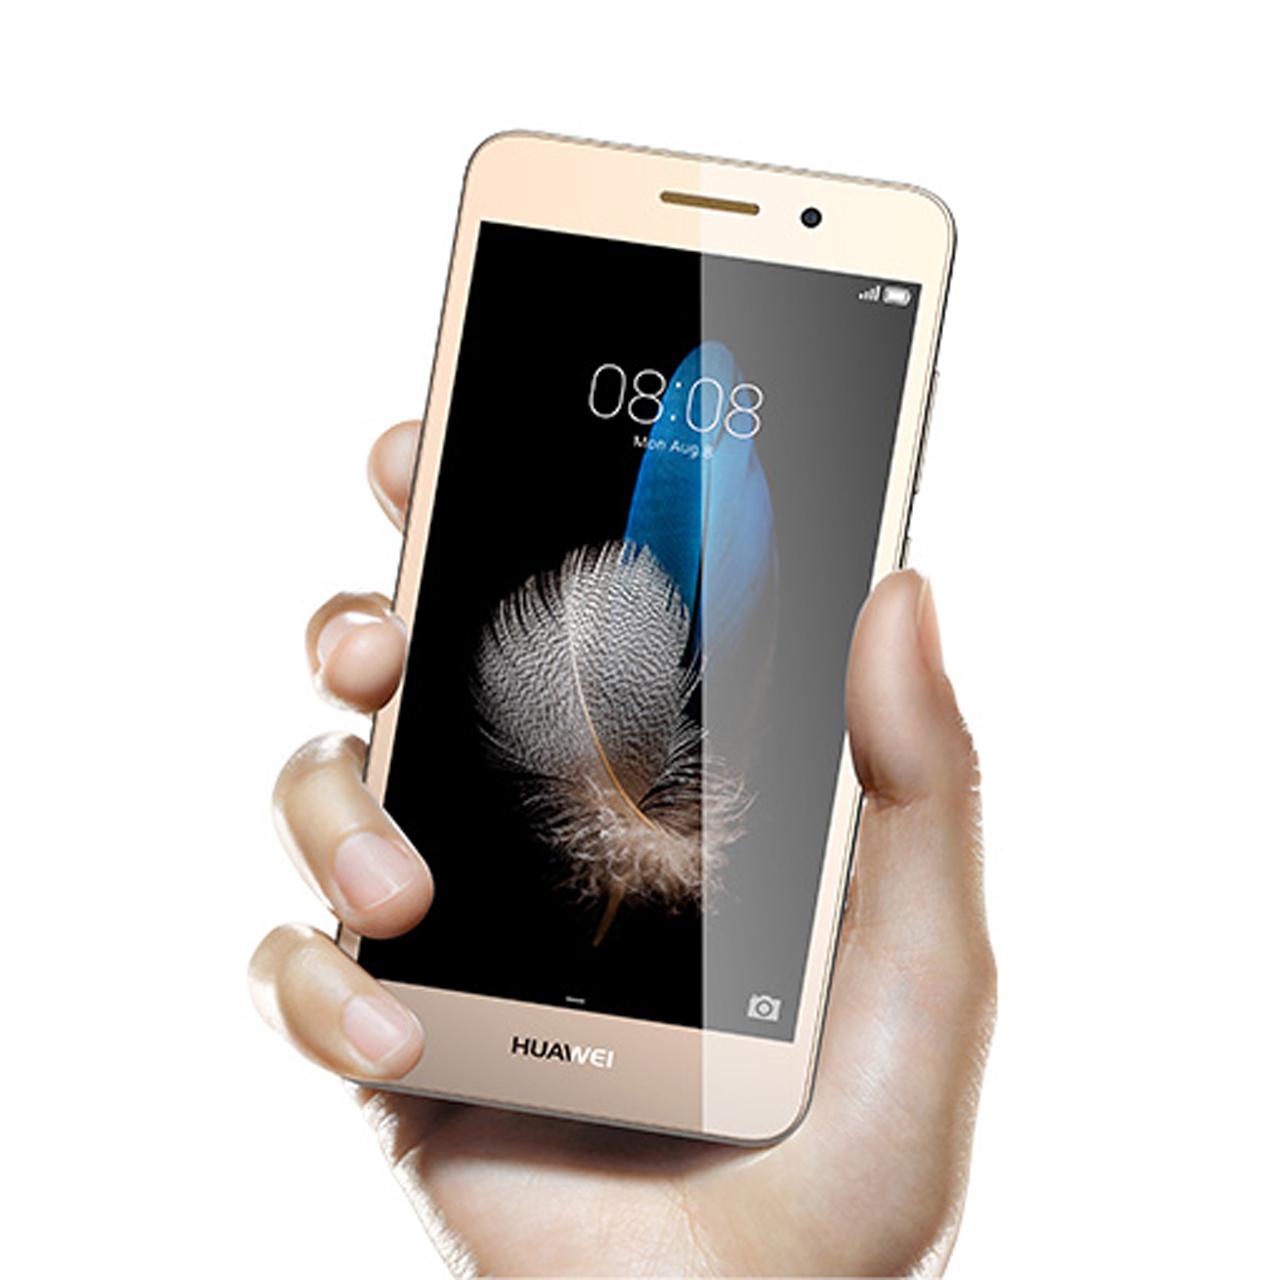 Mobile-Huawei-Y6-2-Dual-Sim_6